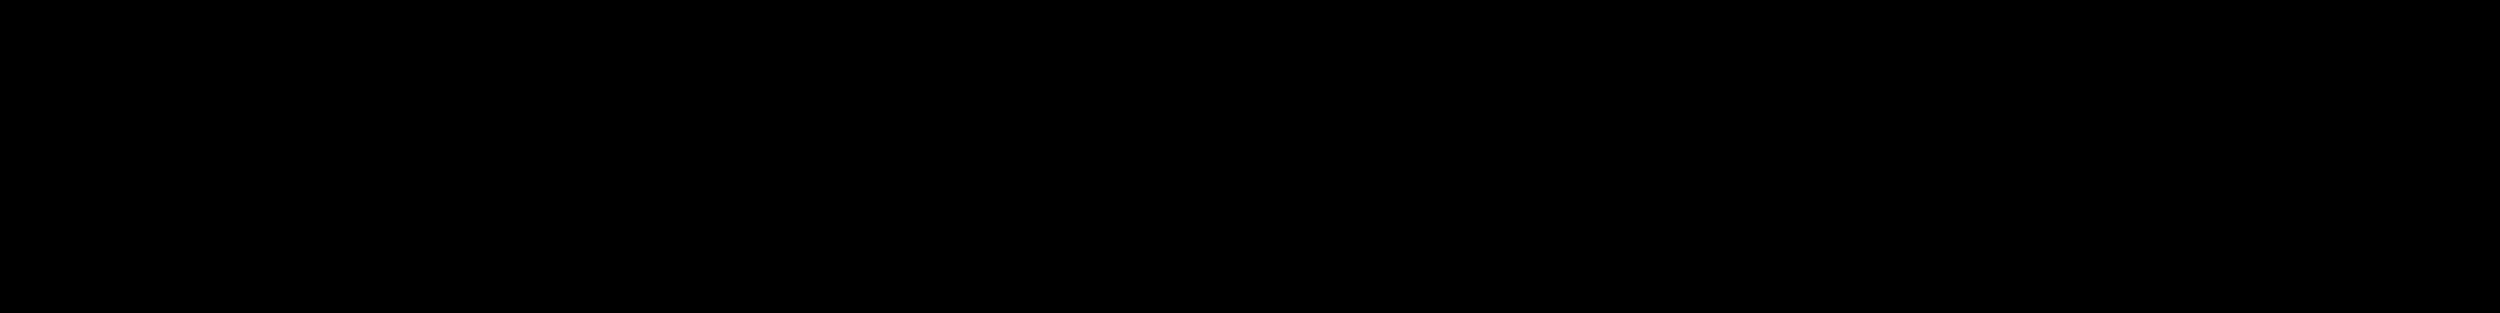 TOC-tagline-black.png